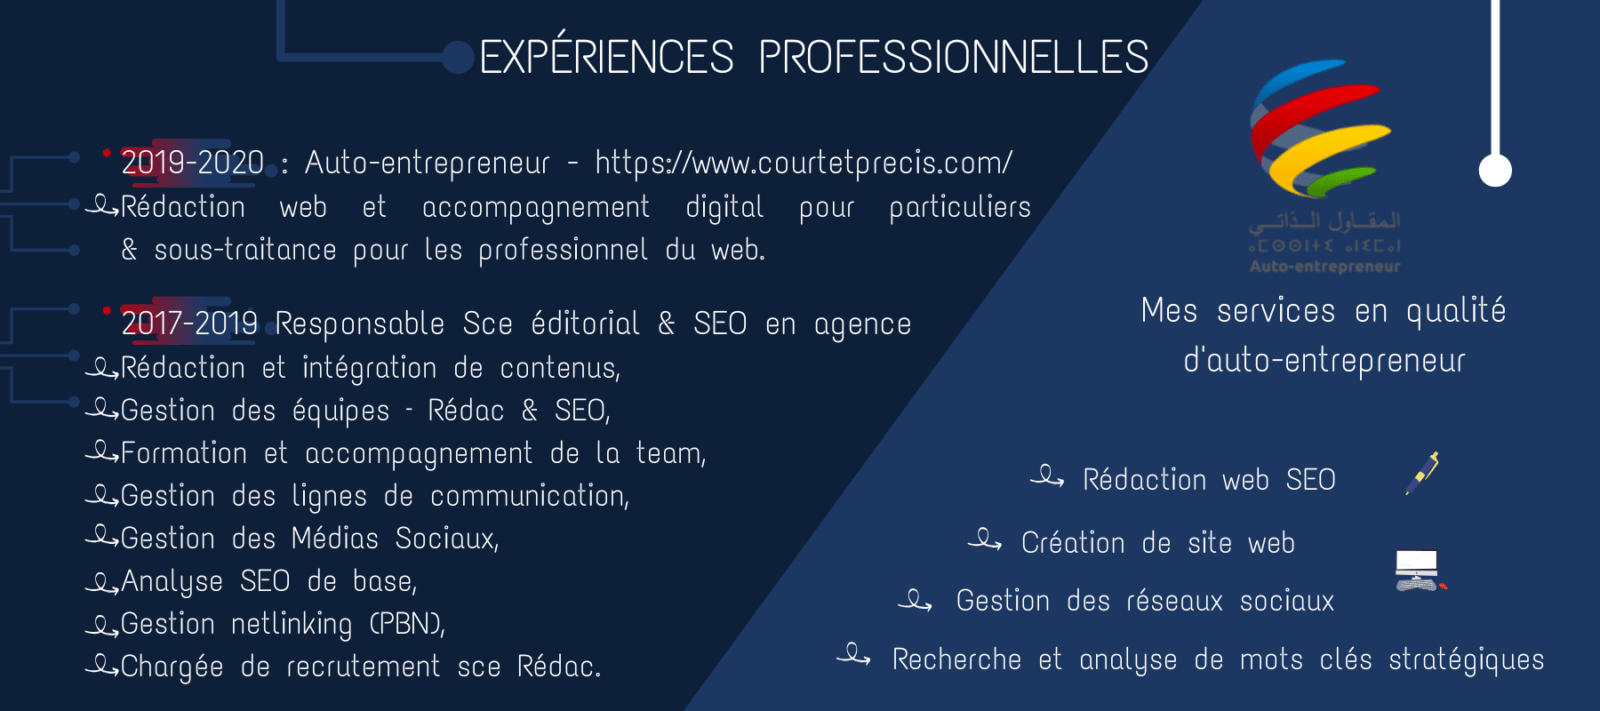 EXPÉRIENCES-PROFESSIONNELLES